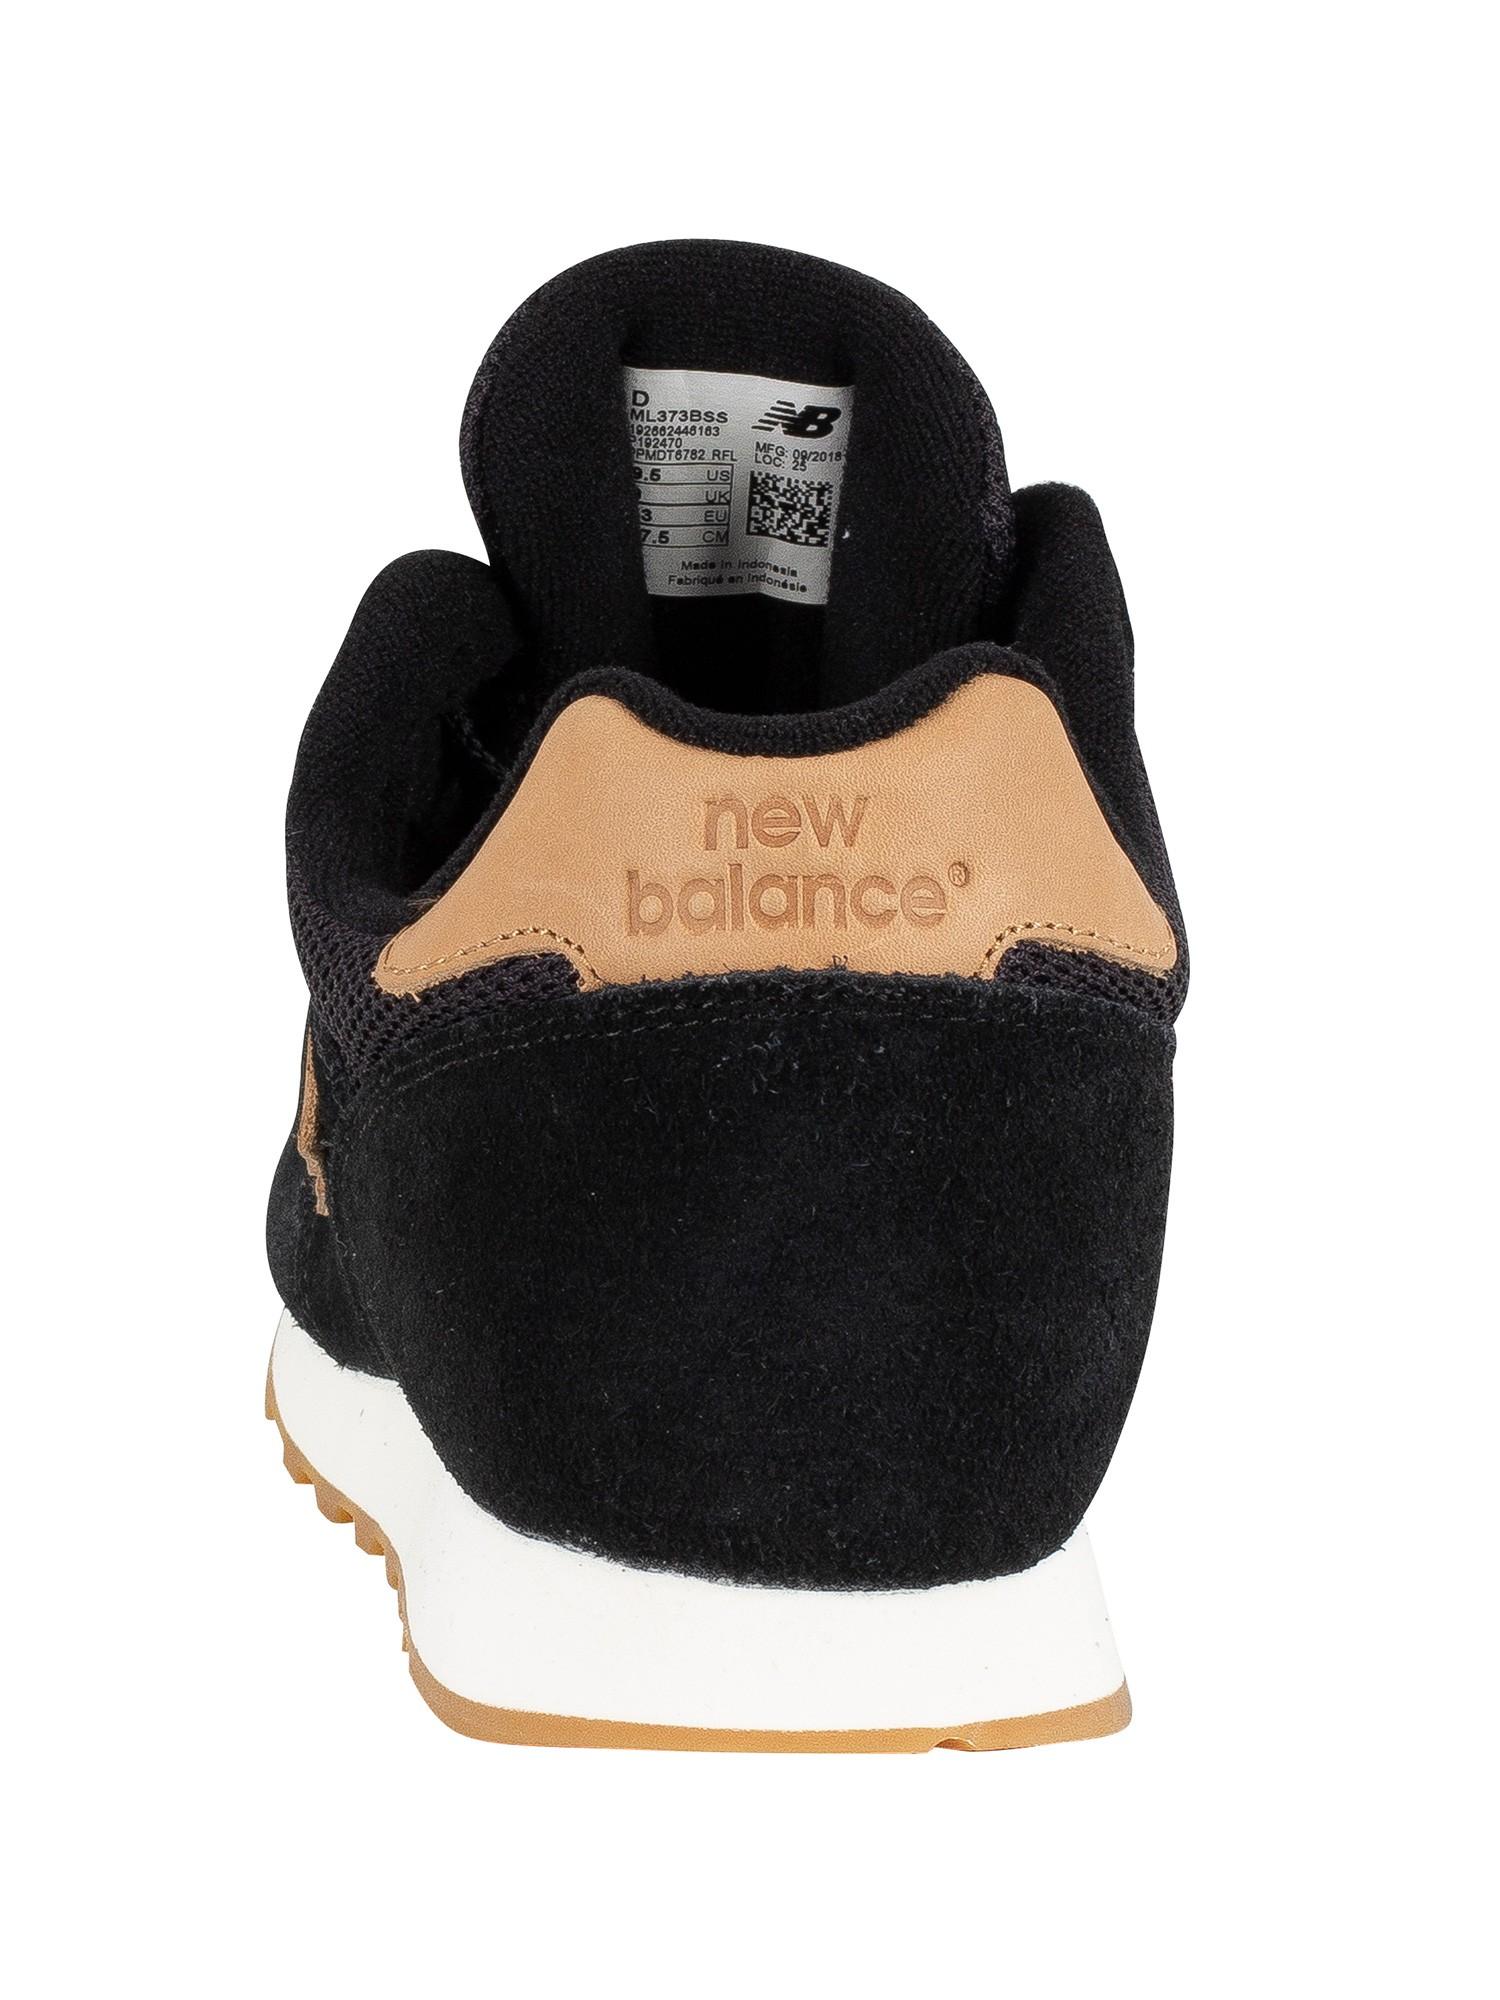 Daim Baskets Balance Noir En 373 Homme New tq6wXa7X